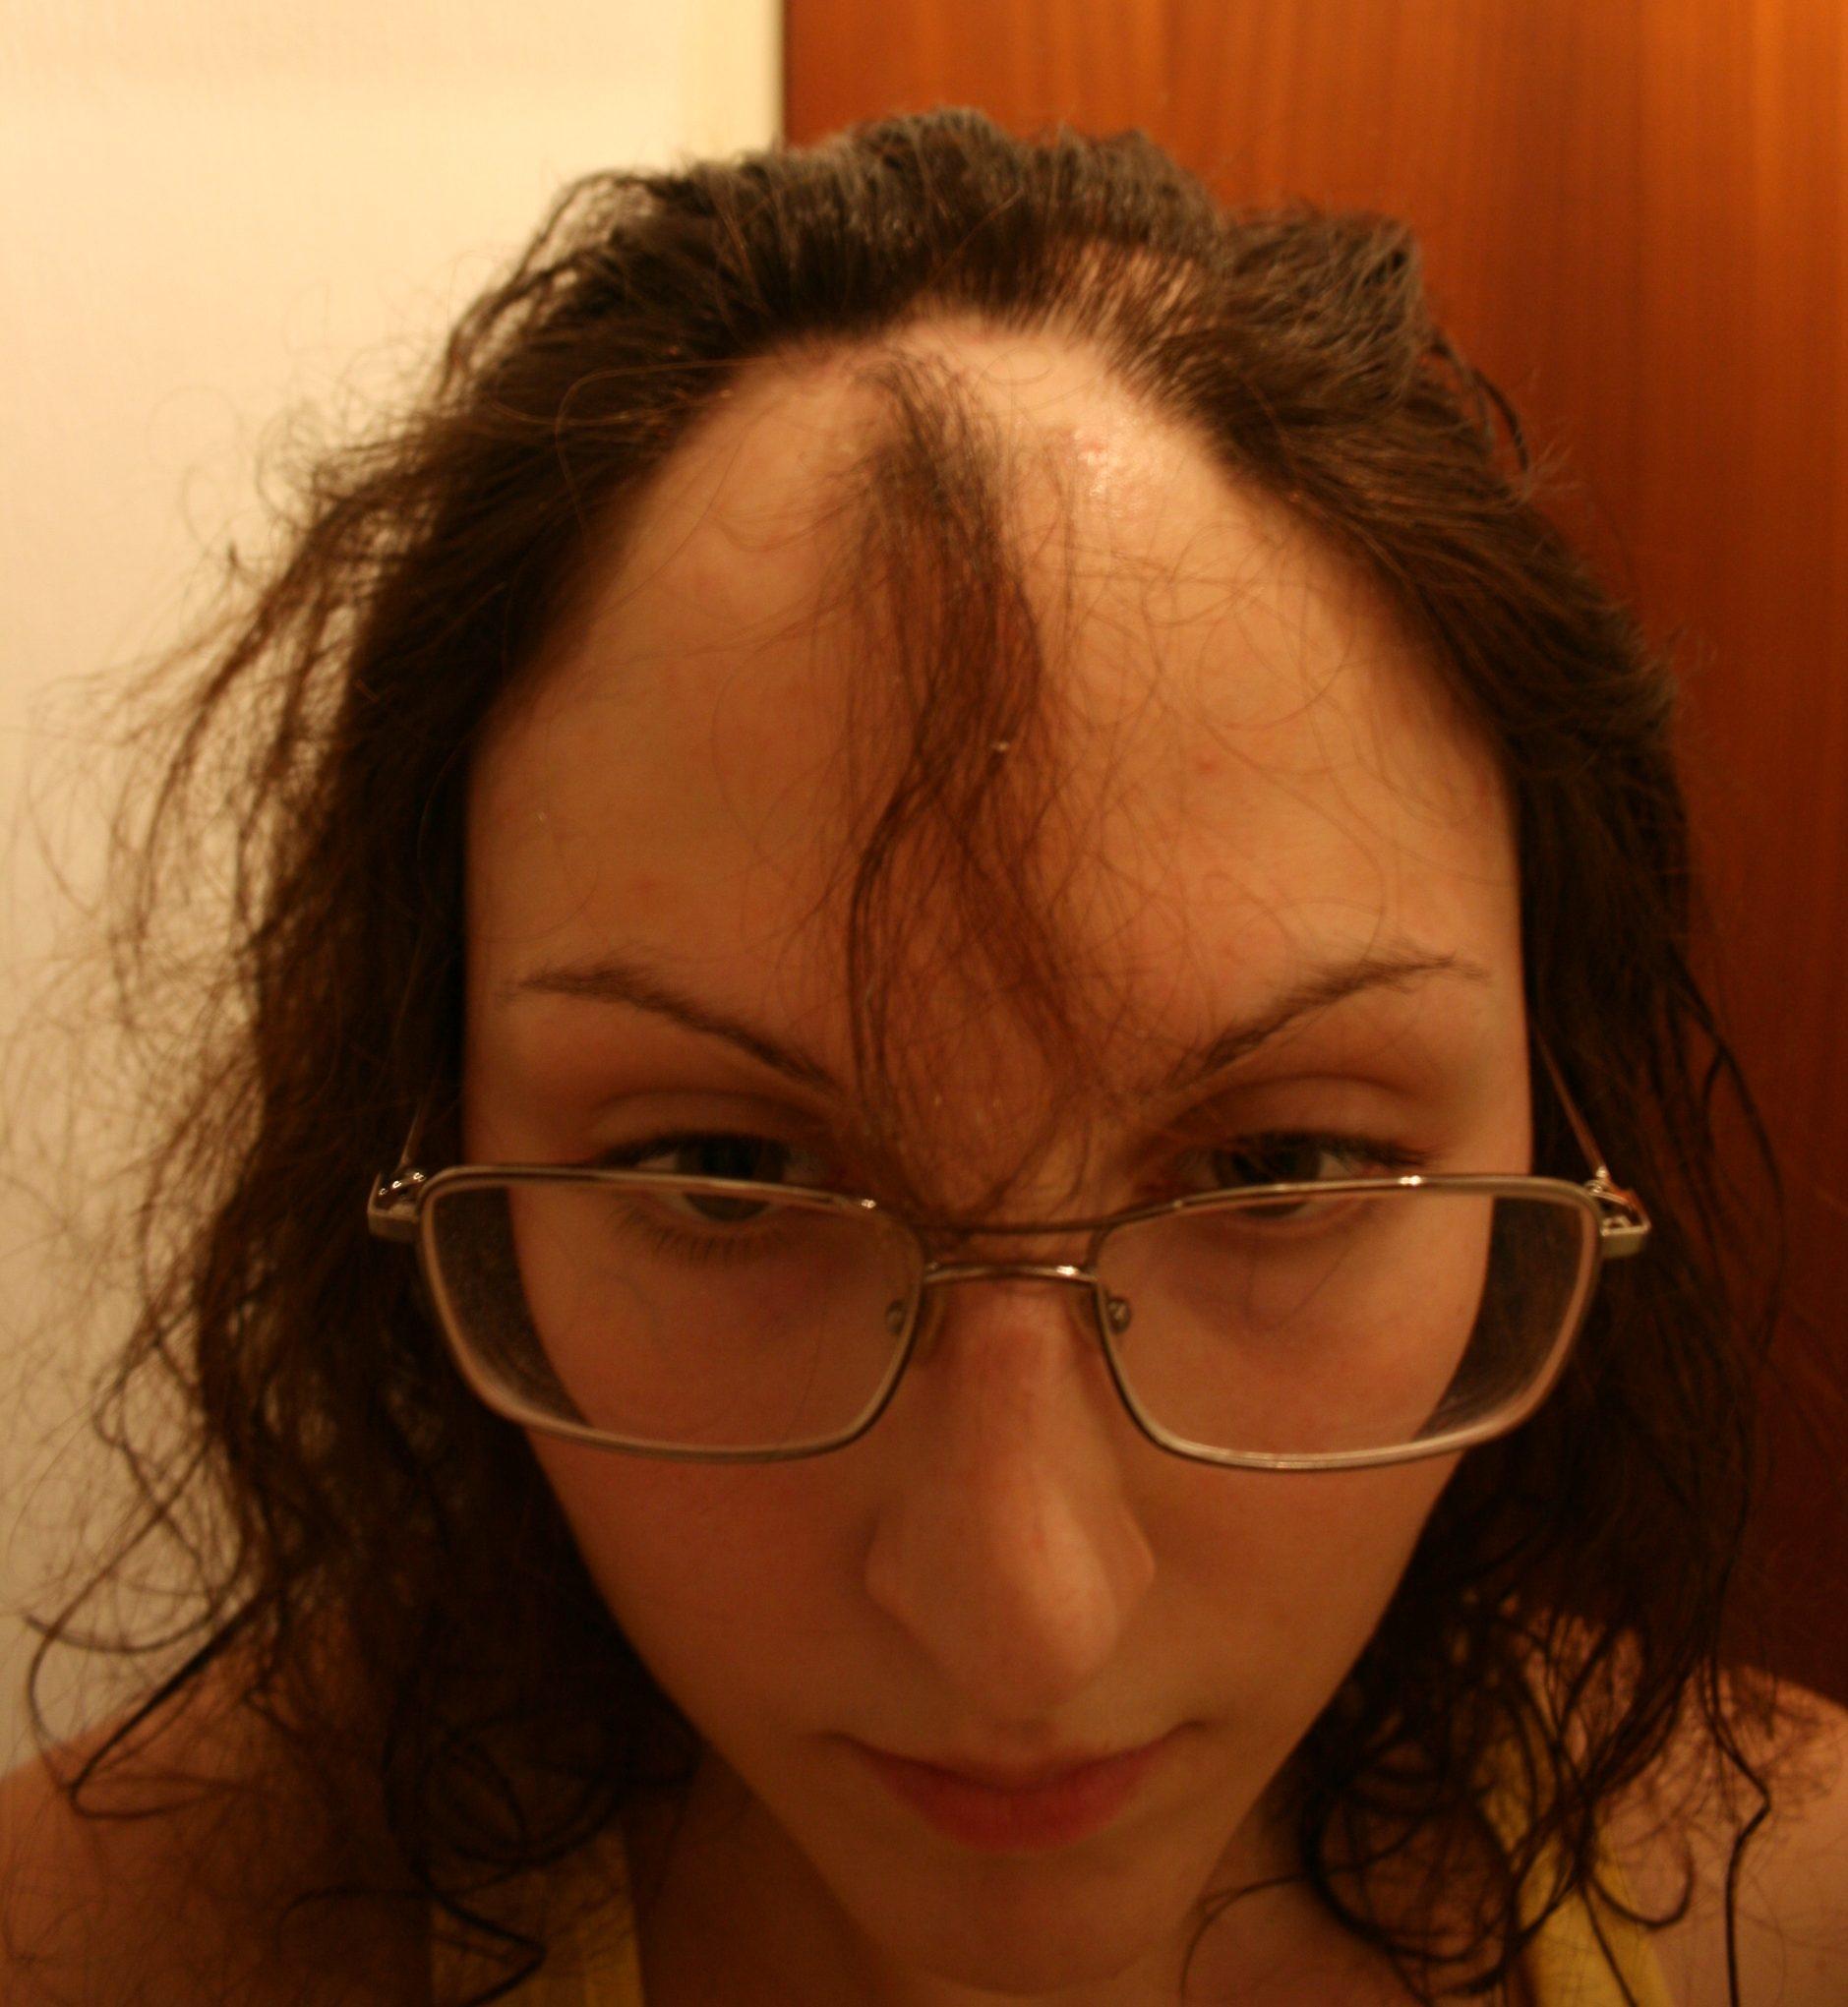 sköldkörtel tappar hår